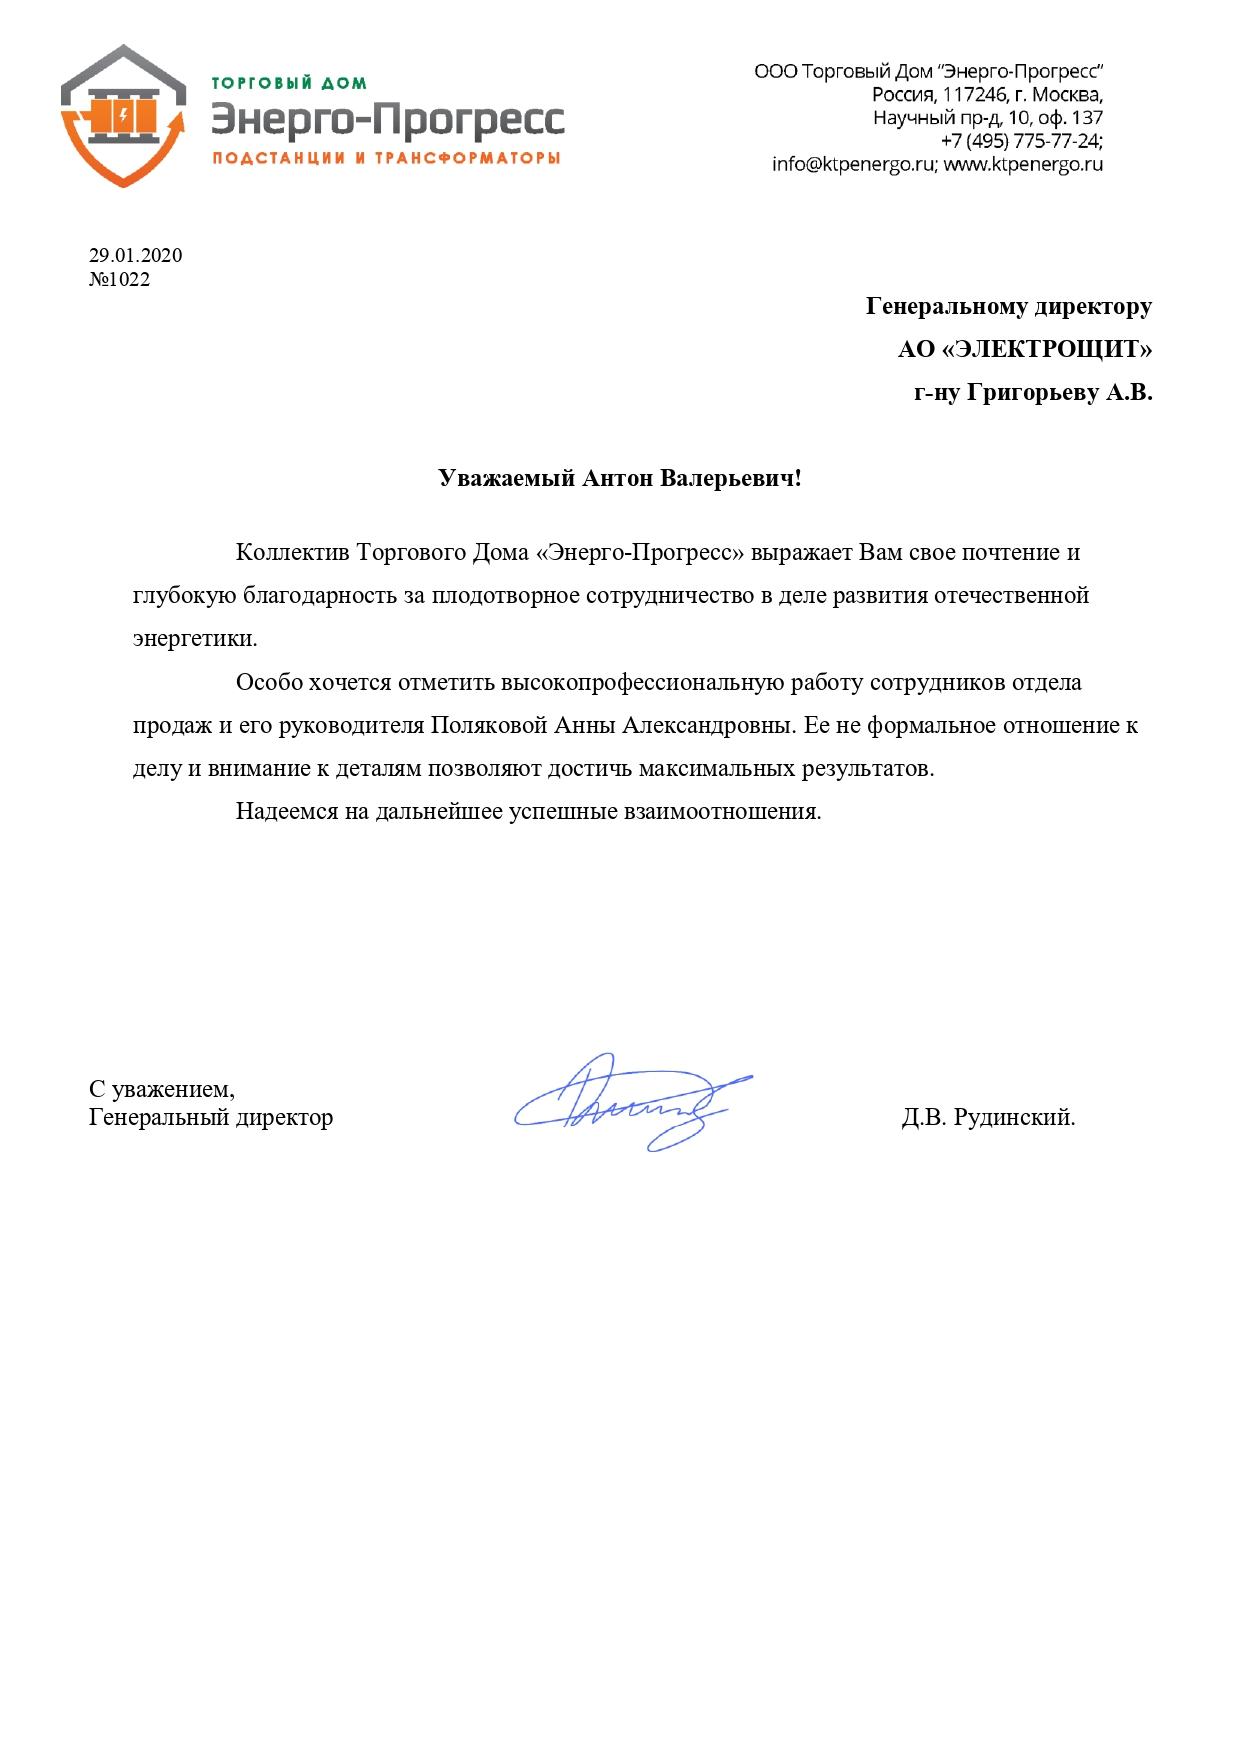 Письмо благодарственное №1022 Энерго Прогресс_page-0001